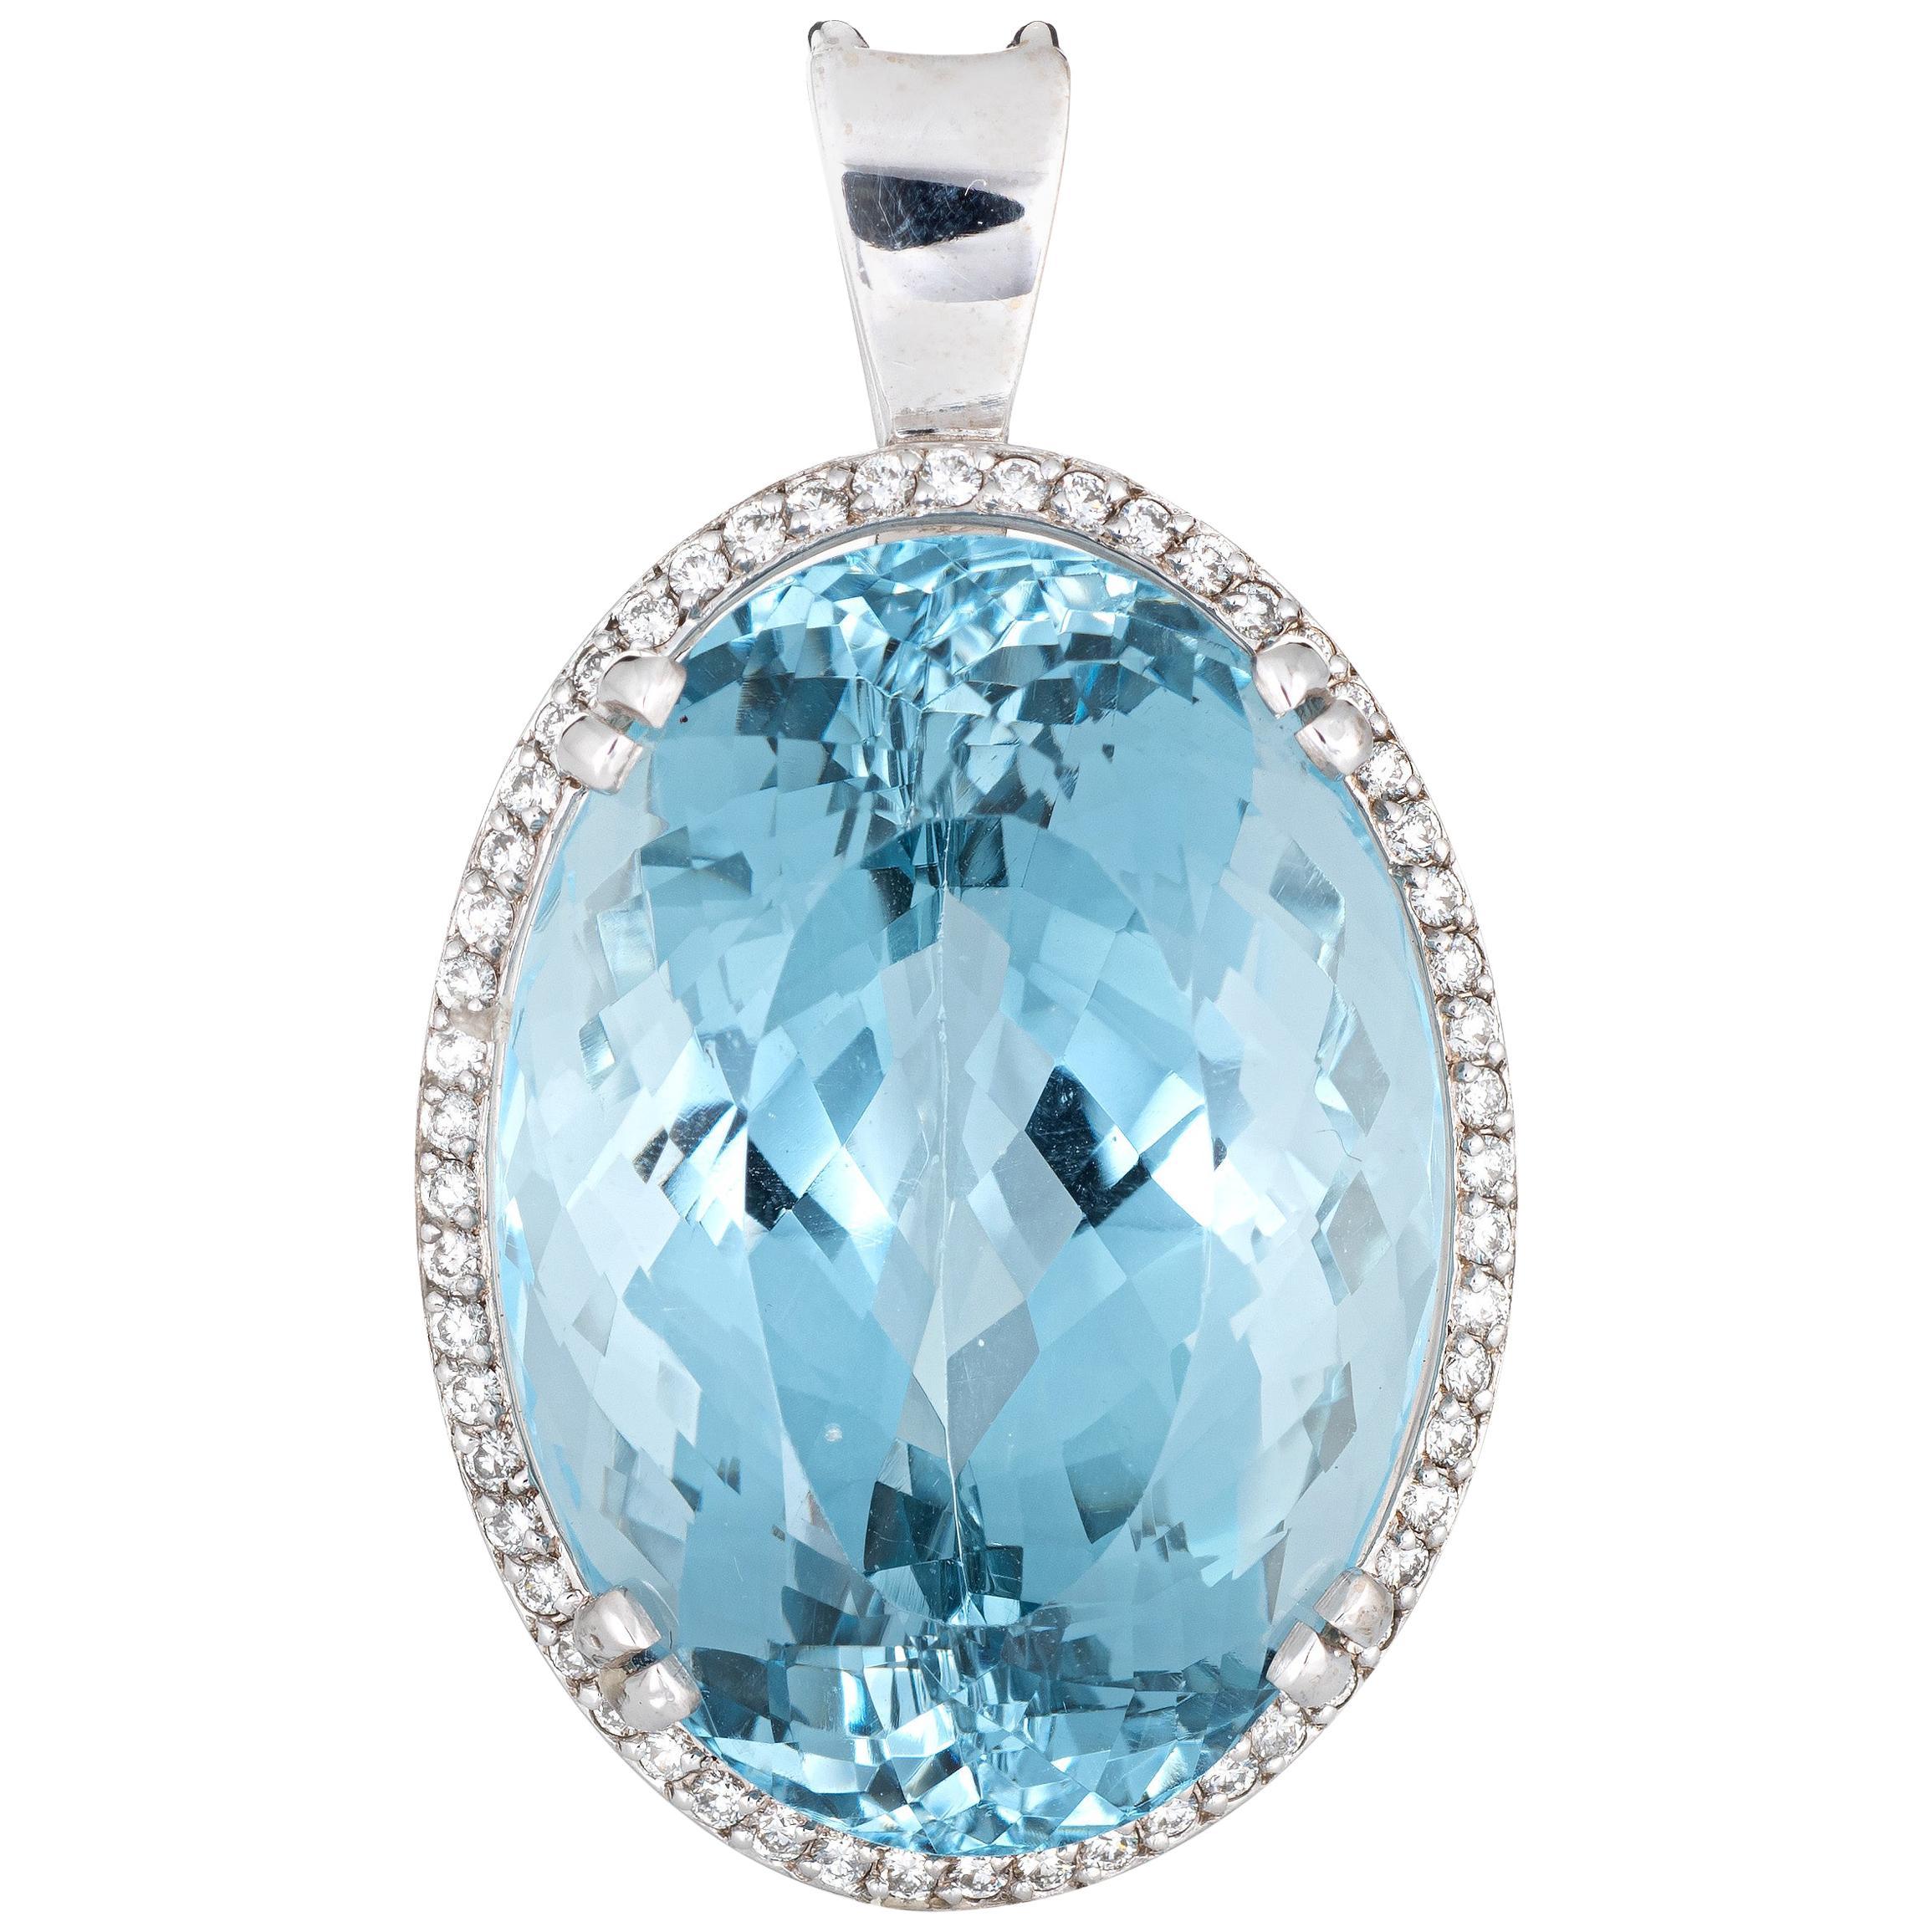 Huge 95 Carat Blue Topaz Diamond Pendant Estate 14k Gold Large Oval Enhancer